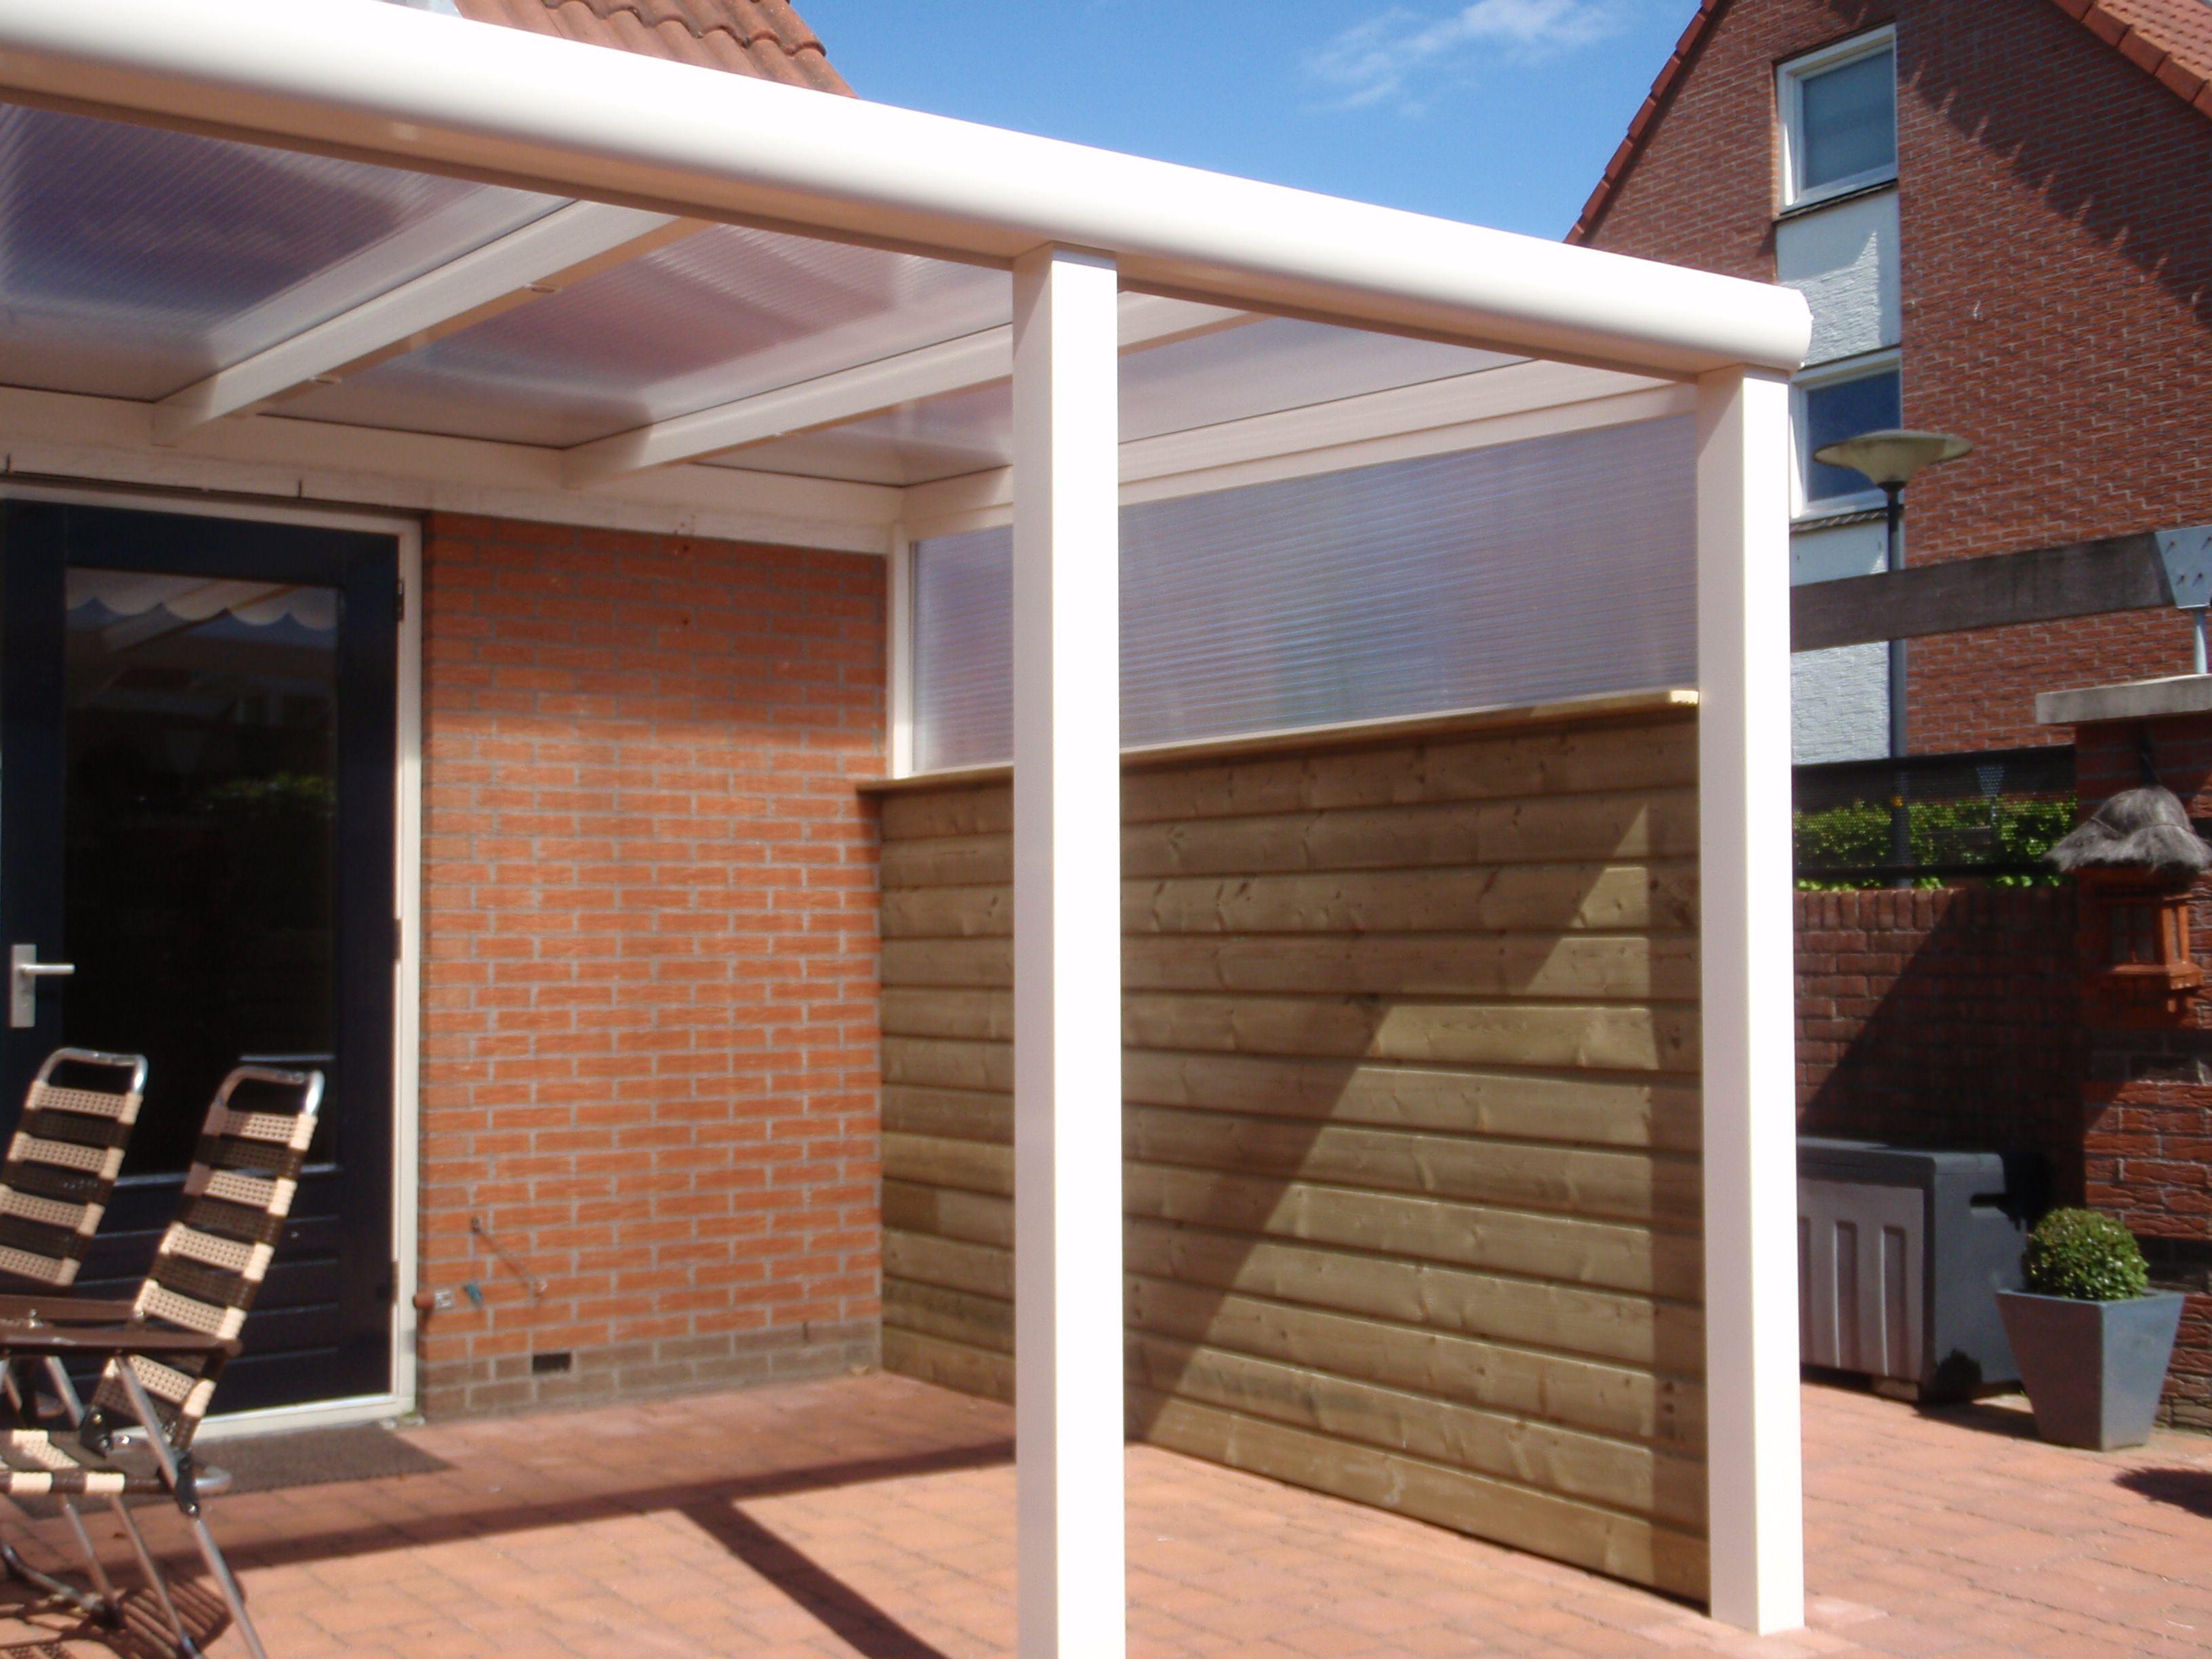 Veranda terrasoverkapping gemaakt van aluminium geeft sfeer in de tuin modern of klassiek - Buiten terras model ...